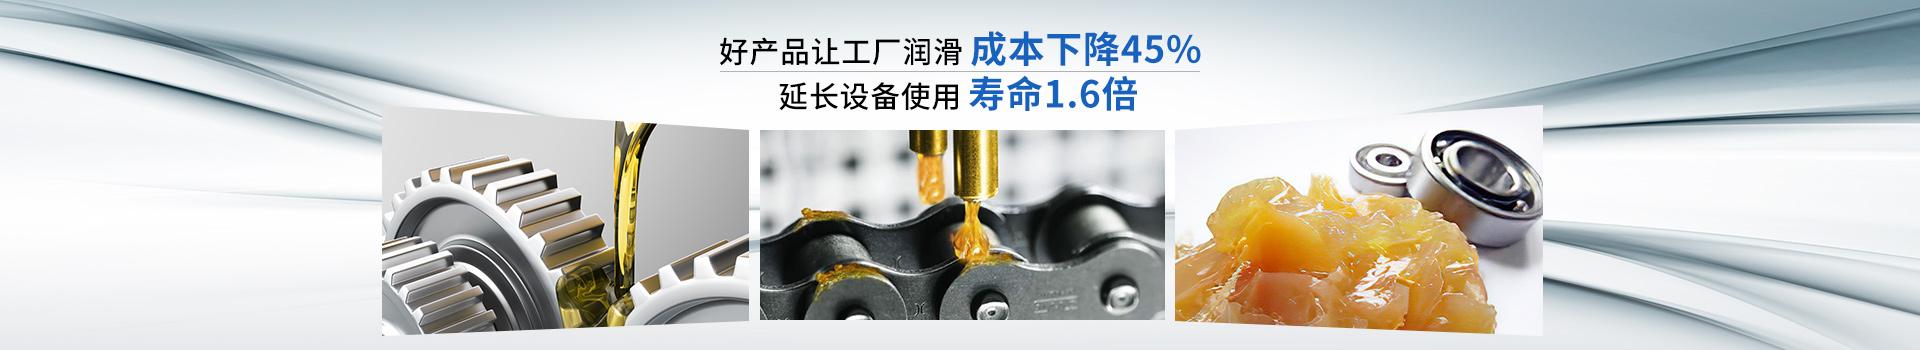 宇田科技-好产品让工厂润滑成本下降45%